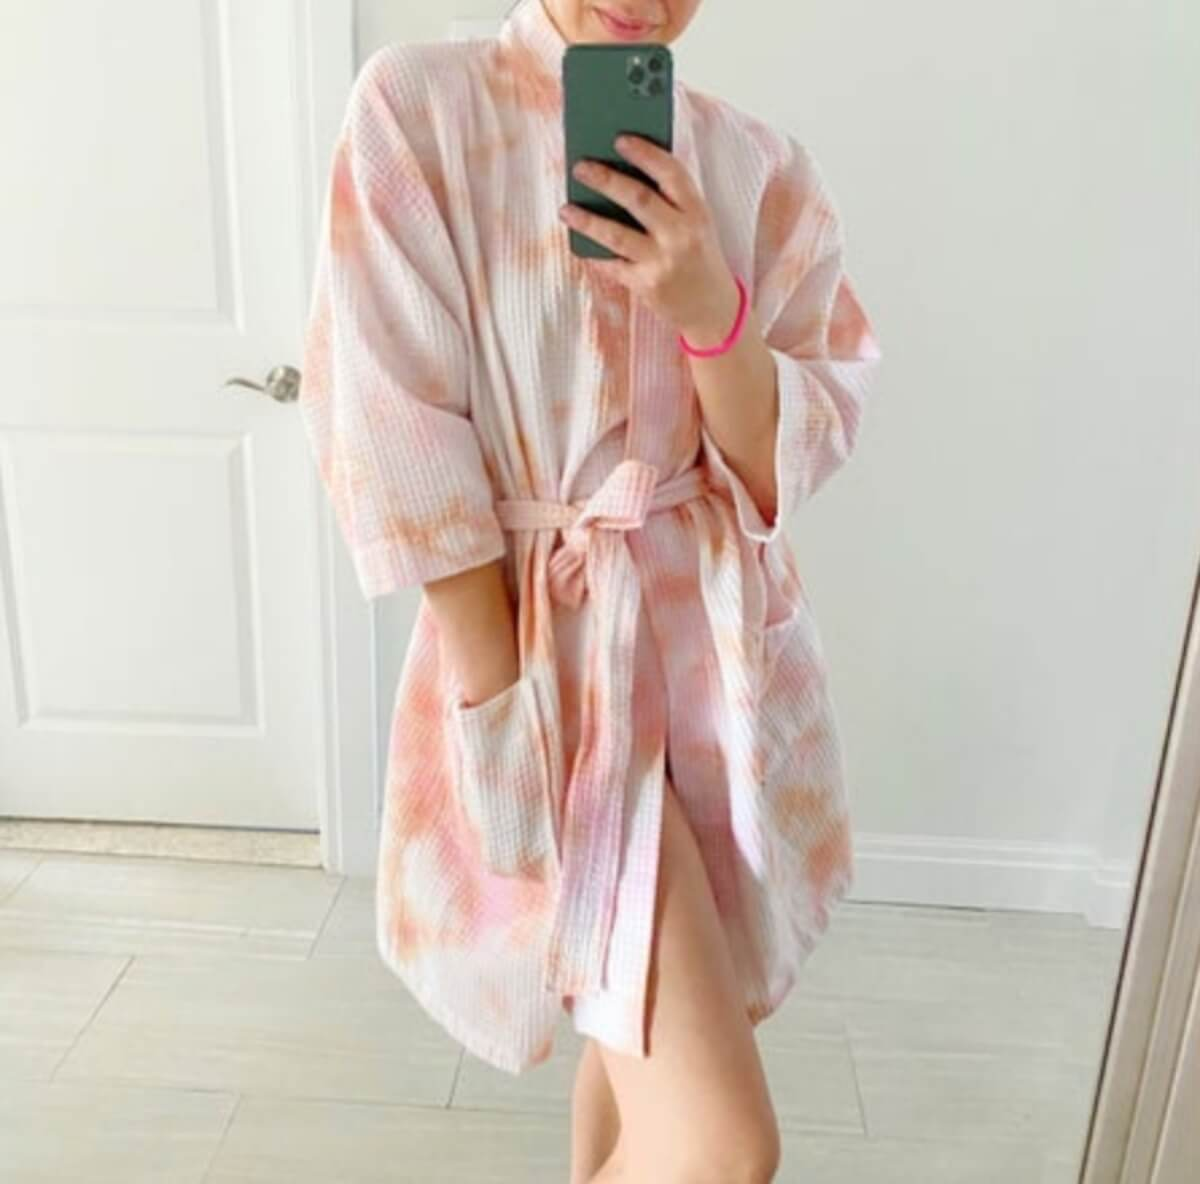 bffs-babes-robe